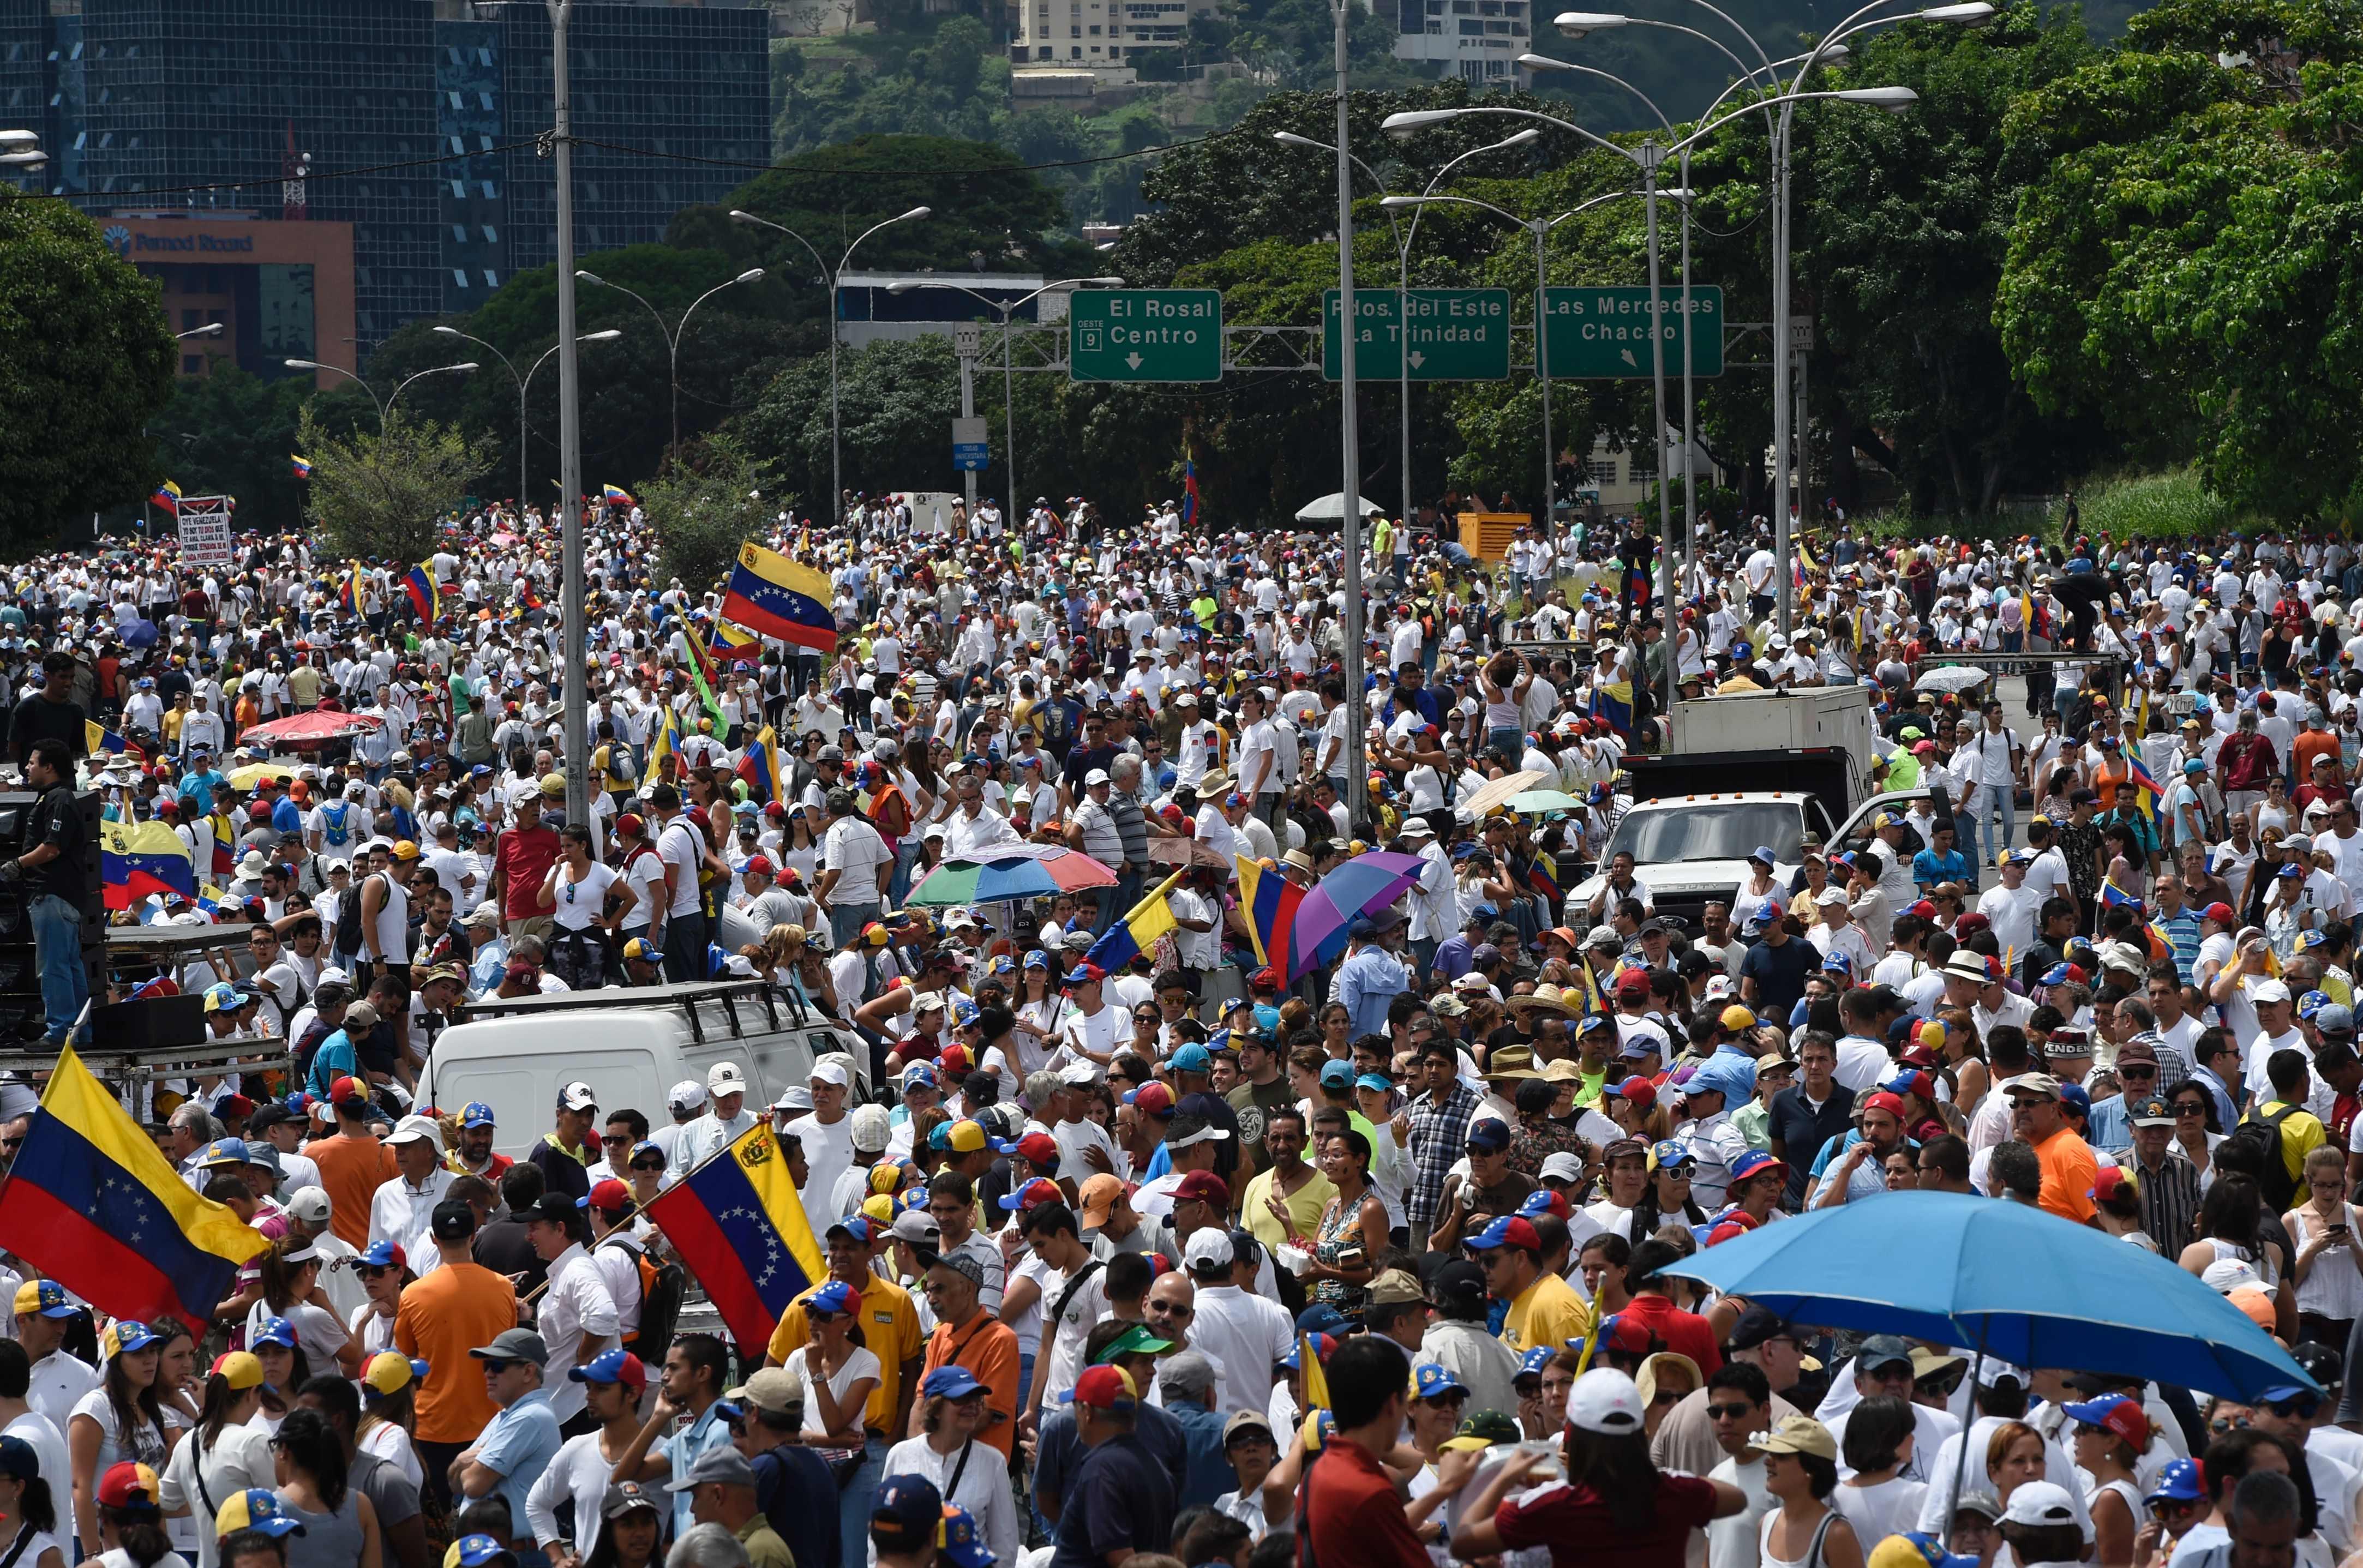 Venezuela opposition marches against President Maduro